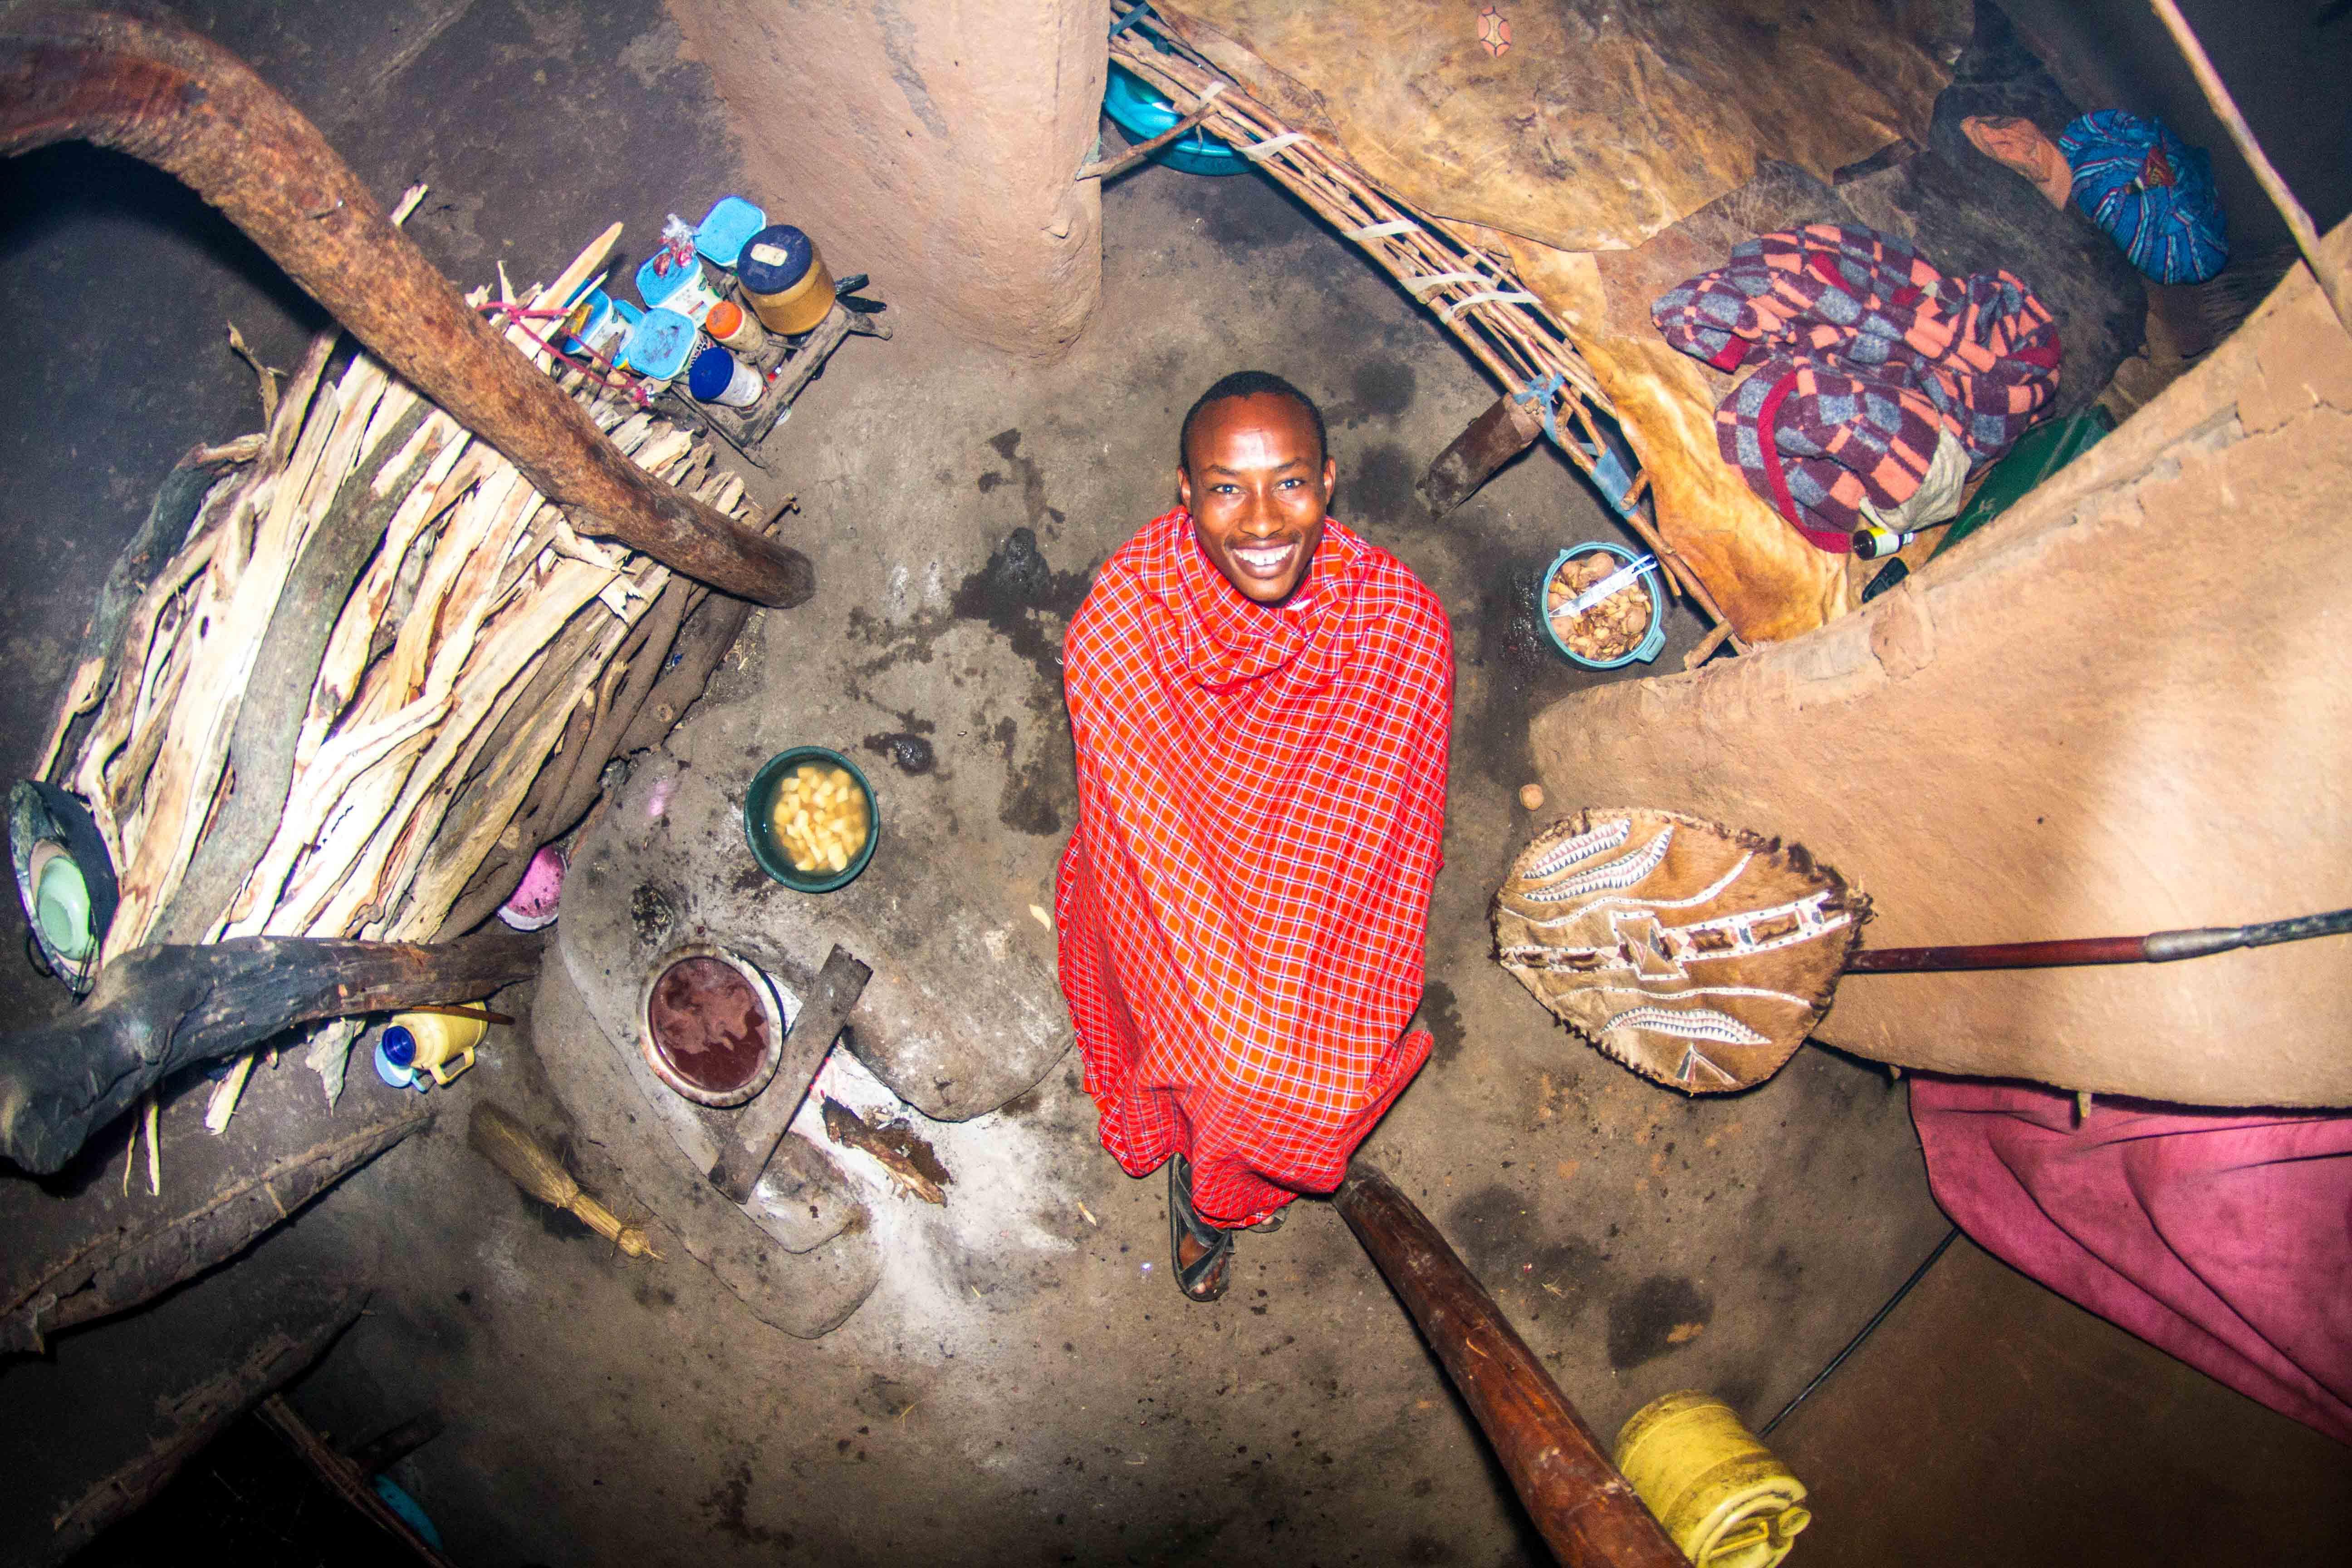 867. szoba, Ezekiel, 22 éves, Guerrier Echo Manyata, Kenya